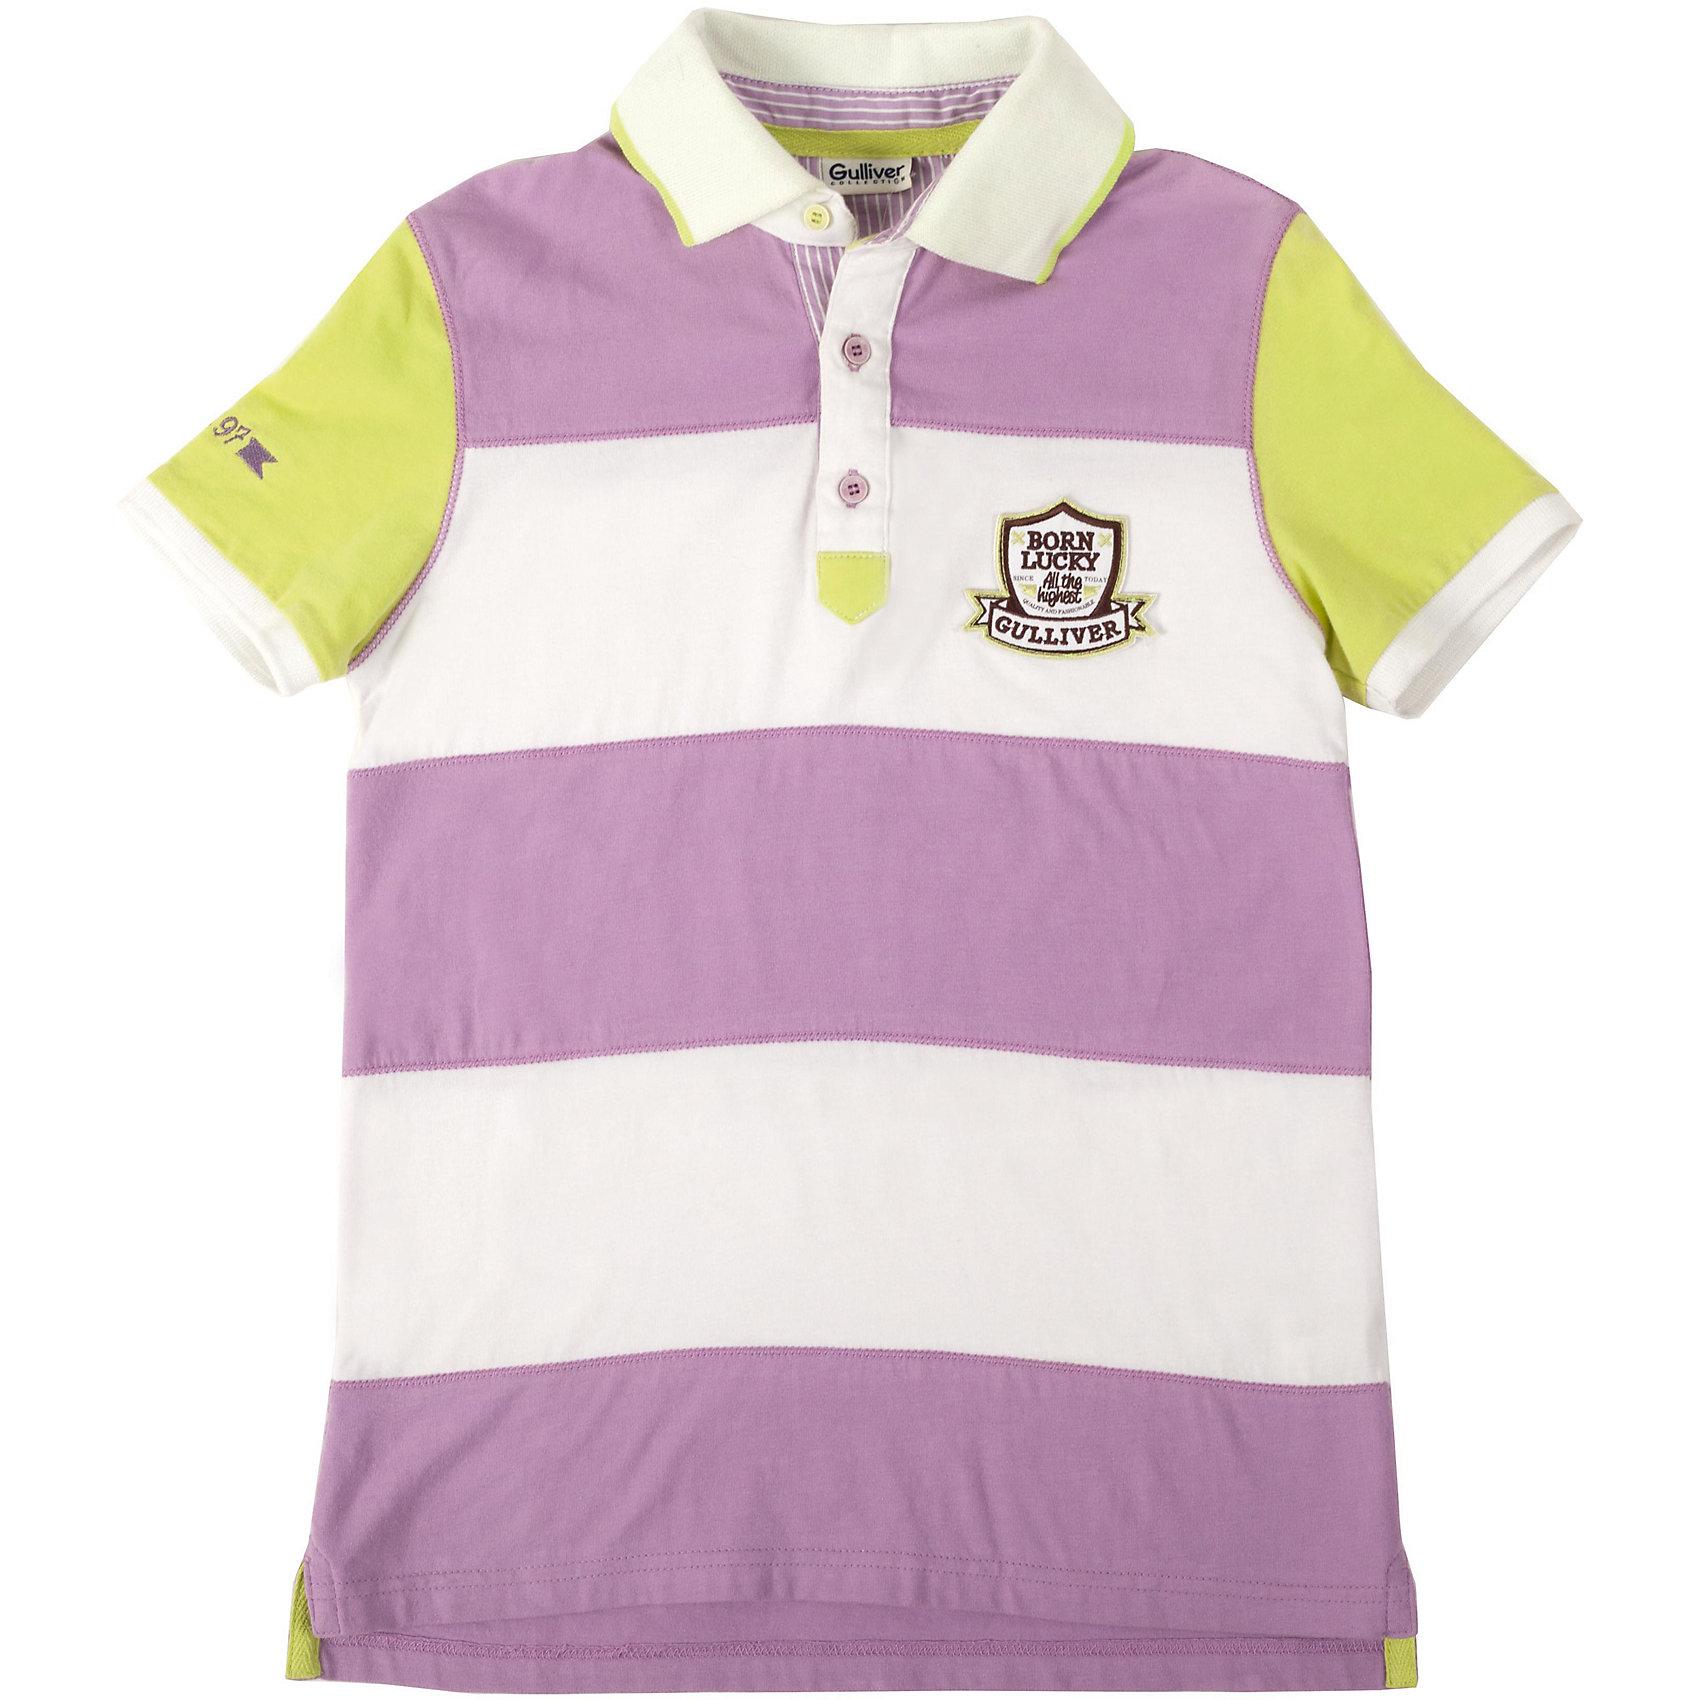 Футболка-поло для мальчика GulliverФутболки, поло и топы<br>Поло для мальчика с коротким рукавом- классика жанра! Рубашка поло - основа детского элегантного гардероба в спортивном стиле! Удобная, комфортная, красивая вещь, рубашка поло в полоску позволит создать стильный образ, который придется по душе и родителям, и ребенку. Изюминка данной модели в интересной необычной комбинации широкой сиреневой полосы на полочке и спинке и однотонных рукавов, выполненных в другом цвете. Это придает модели новизну и свежесть. Стильное поло для мальчика с вышивкой, принтом и шевроном, а также с оригинальной интересной отделкой внутренней части воротника выглядит потрясающе. Словом, если вы решили купить поло и порадовать ребенка стильной, удобной, практичной вещью, эта модель - то, что вам нужно!<br>Состав:<br>95% хлопок           5% эластан<br><br>Ширина мм: 199<br>Глубина мм: 10<br>Высота мм: 161<br>Вес г: 151<br>Цвет: лиловый<br>Возраст от месяцев: 132<br>Возраст до месяцев: 144<br>Пол: Мужской<br>Возраст: Детский<br>Размер: 152,134,128,146,158,140<br>SKU: 4534276